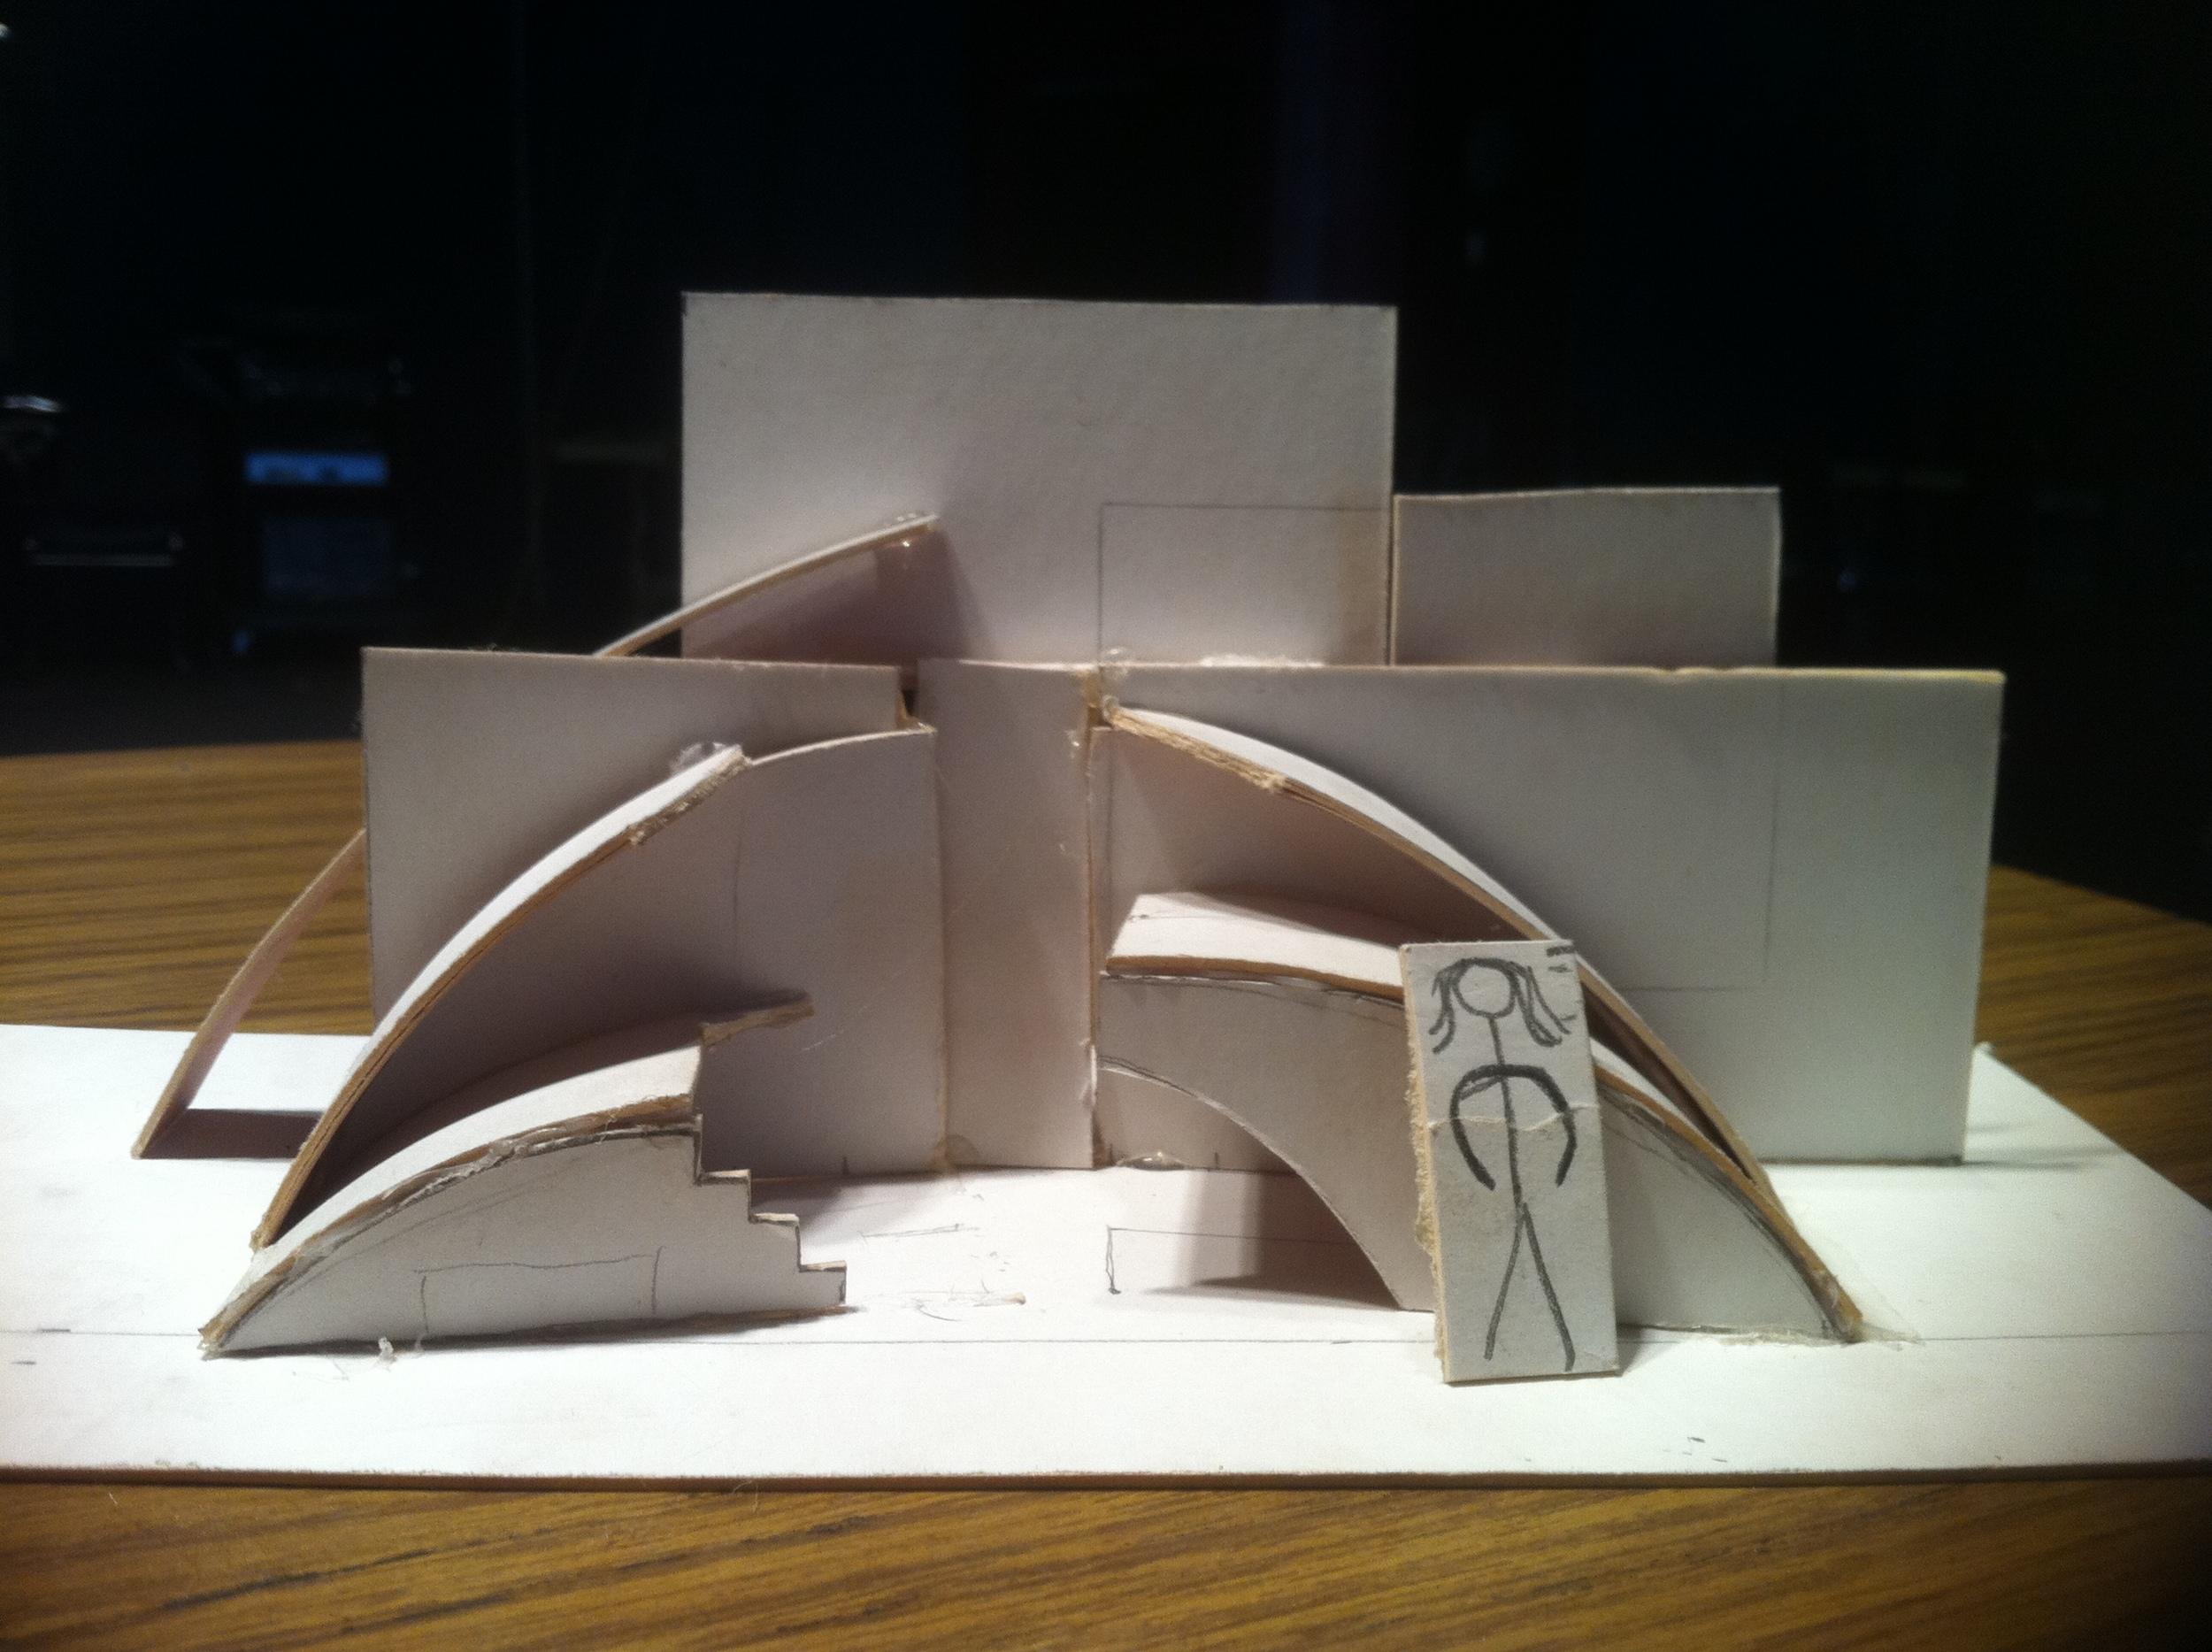 I co-designed and built the set with the multidisciplinary builder  Brock Nummerdor.